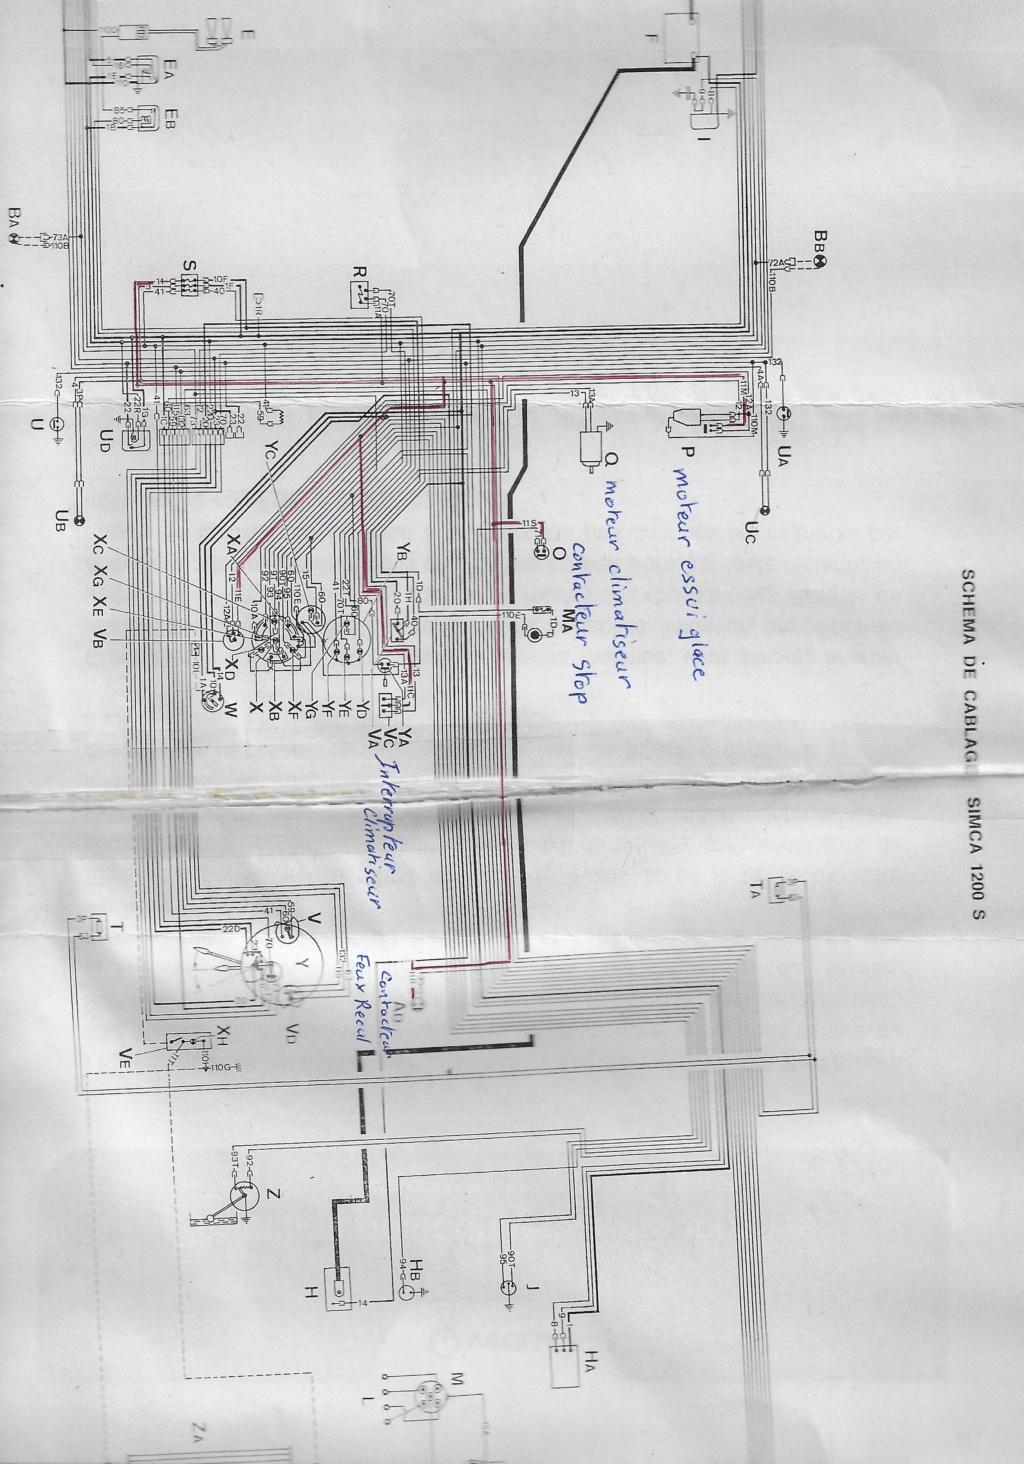 Faisceau electrique Simca 1200s 00310